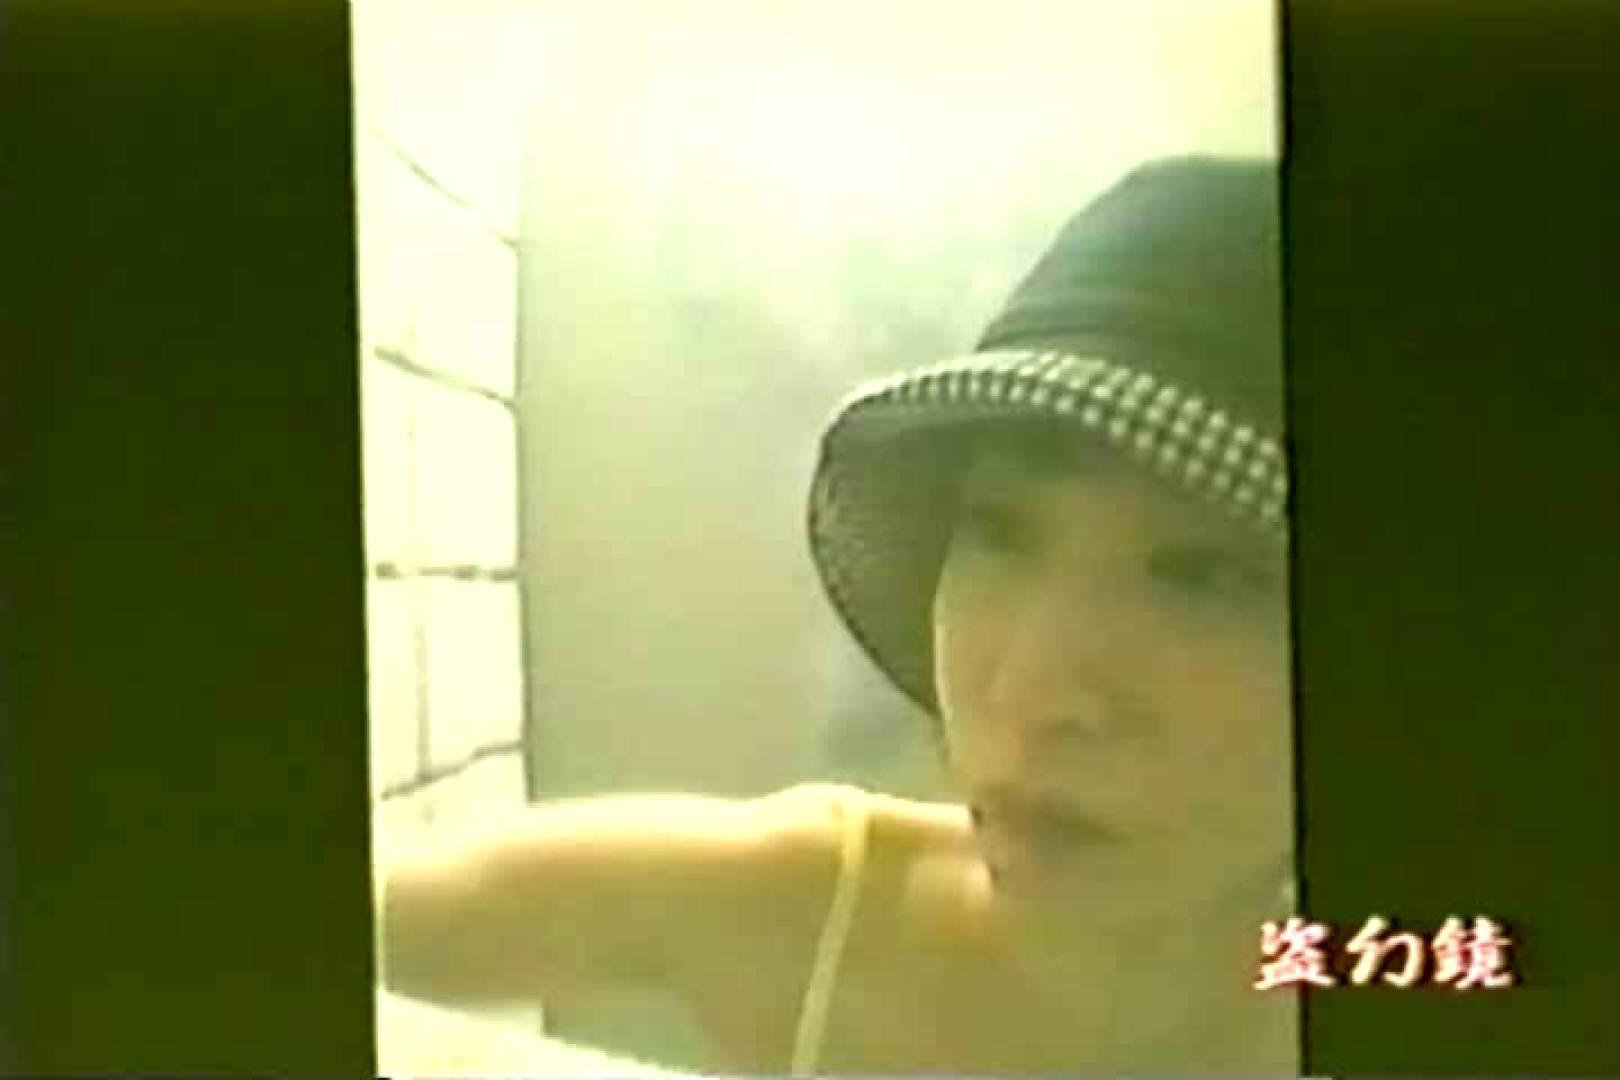 水着ギャル和式女子 MT-4 小悪魔ギャル スケベ動画紹介 44連発 10